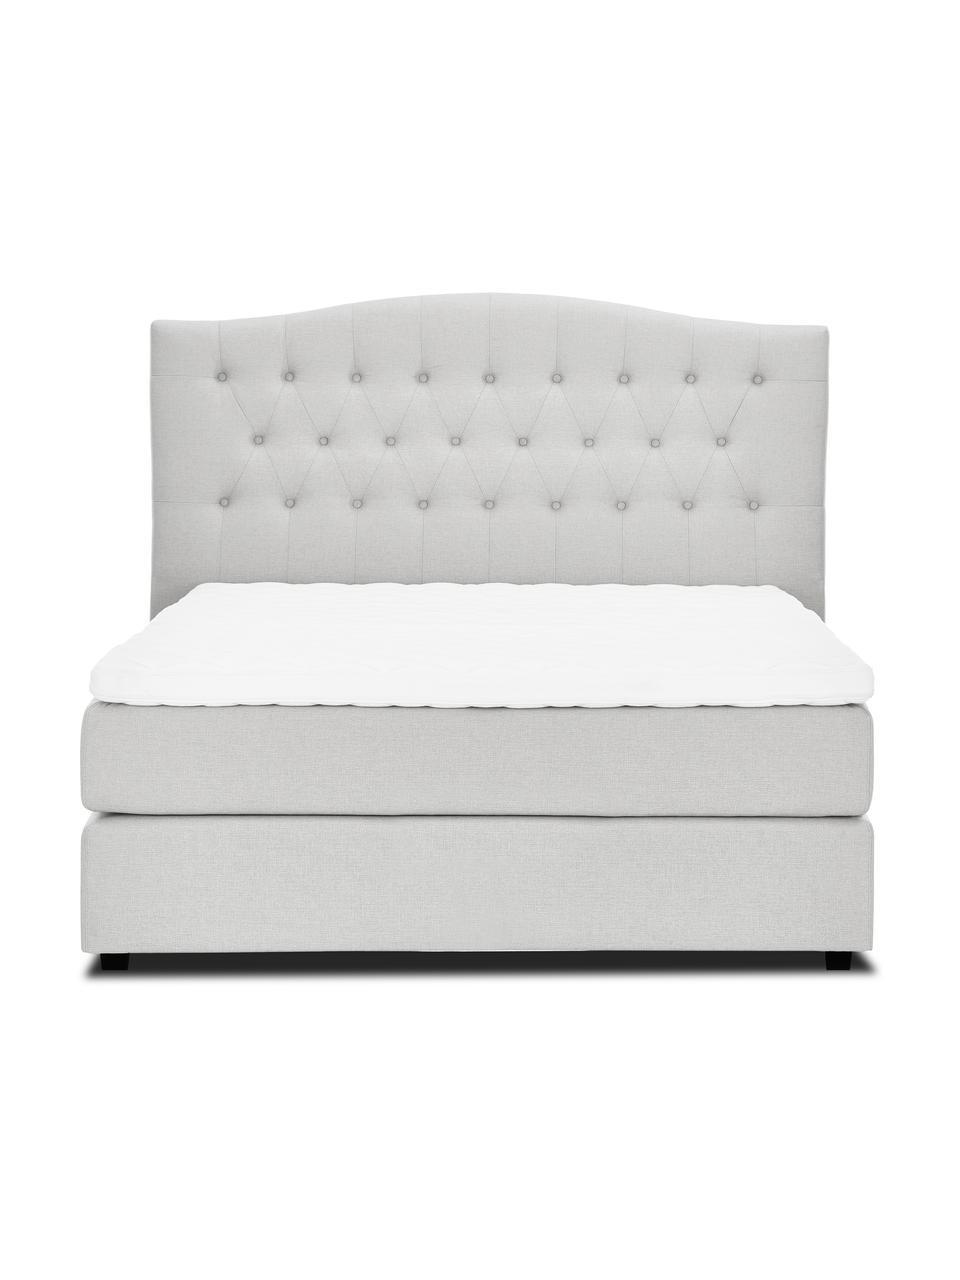 Łóżko kontynentalne premium Royal, Nogi: lite drewno brzozowe, lak, Jasny szarobiały, S 200 x D 200 cm